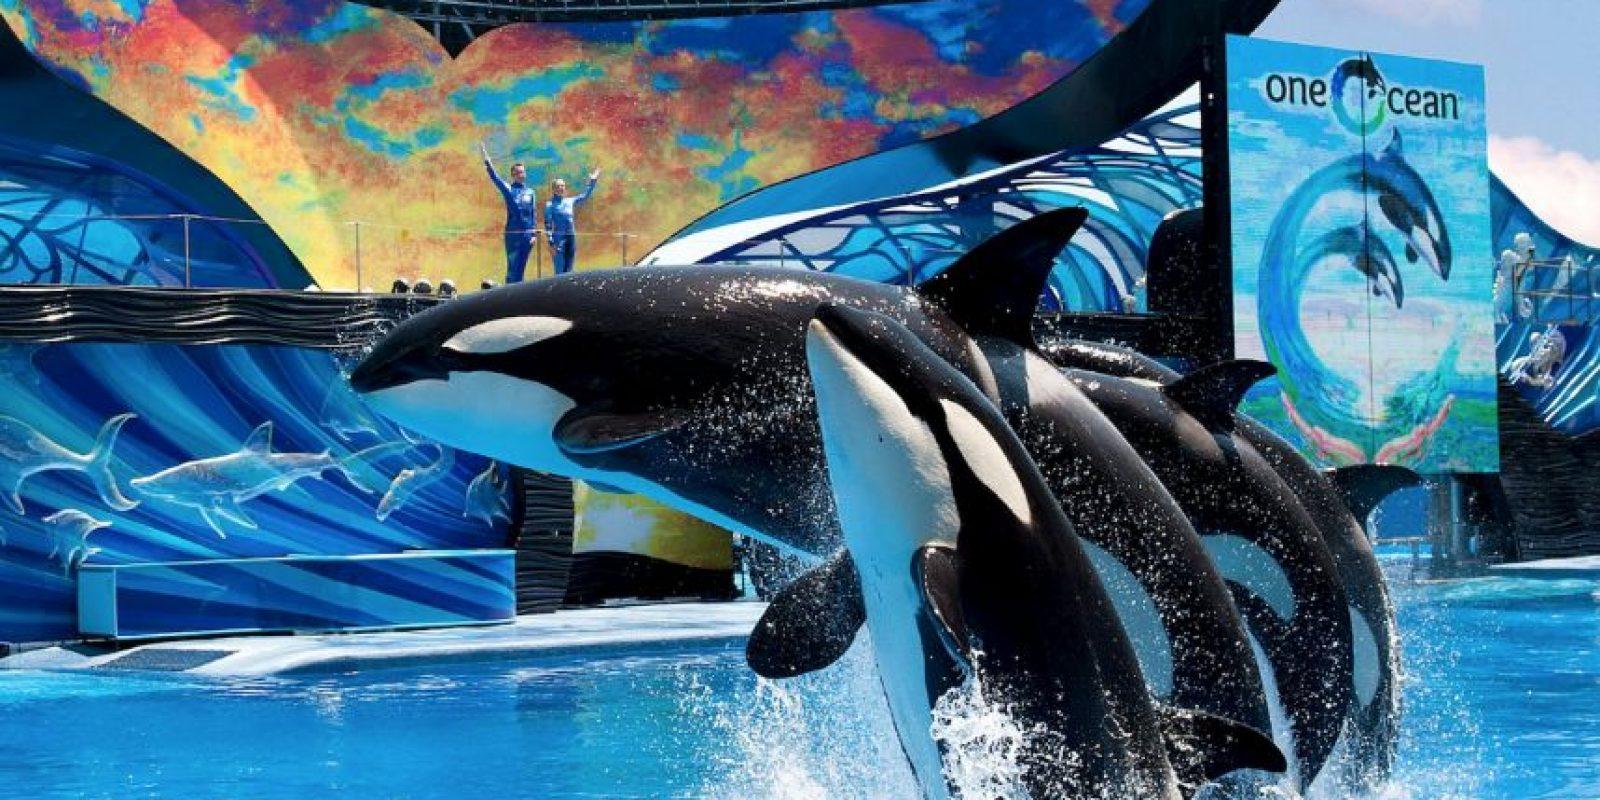 Los parque encontraron la manera de ocultar estos hecho. Foto:Vía Facebook SeaWorld